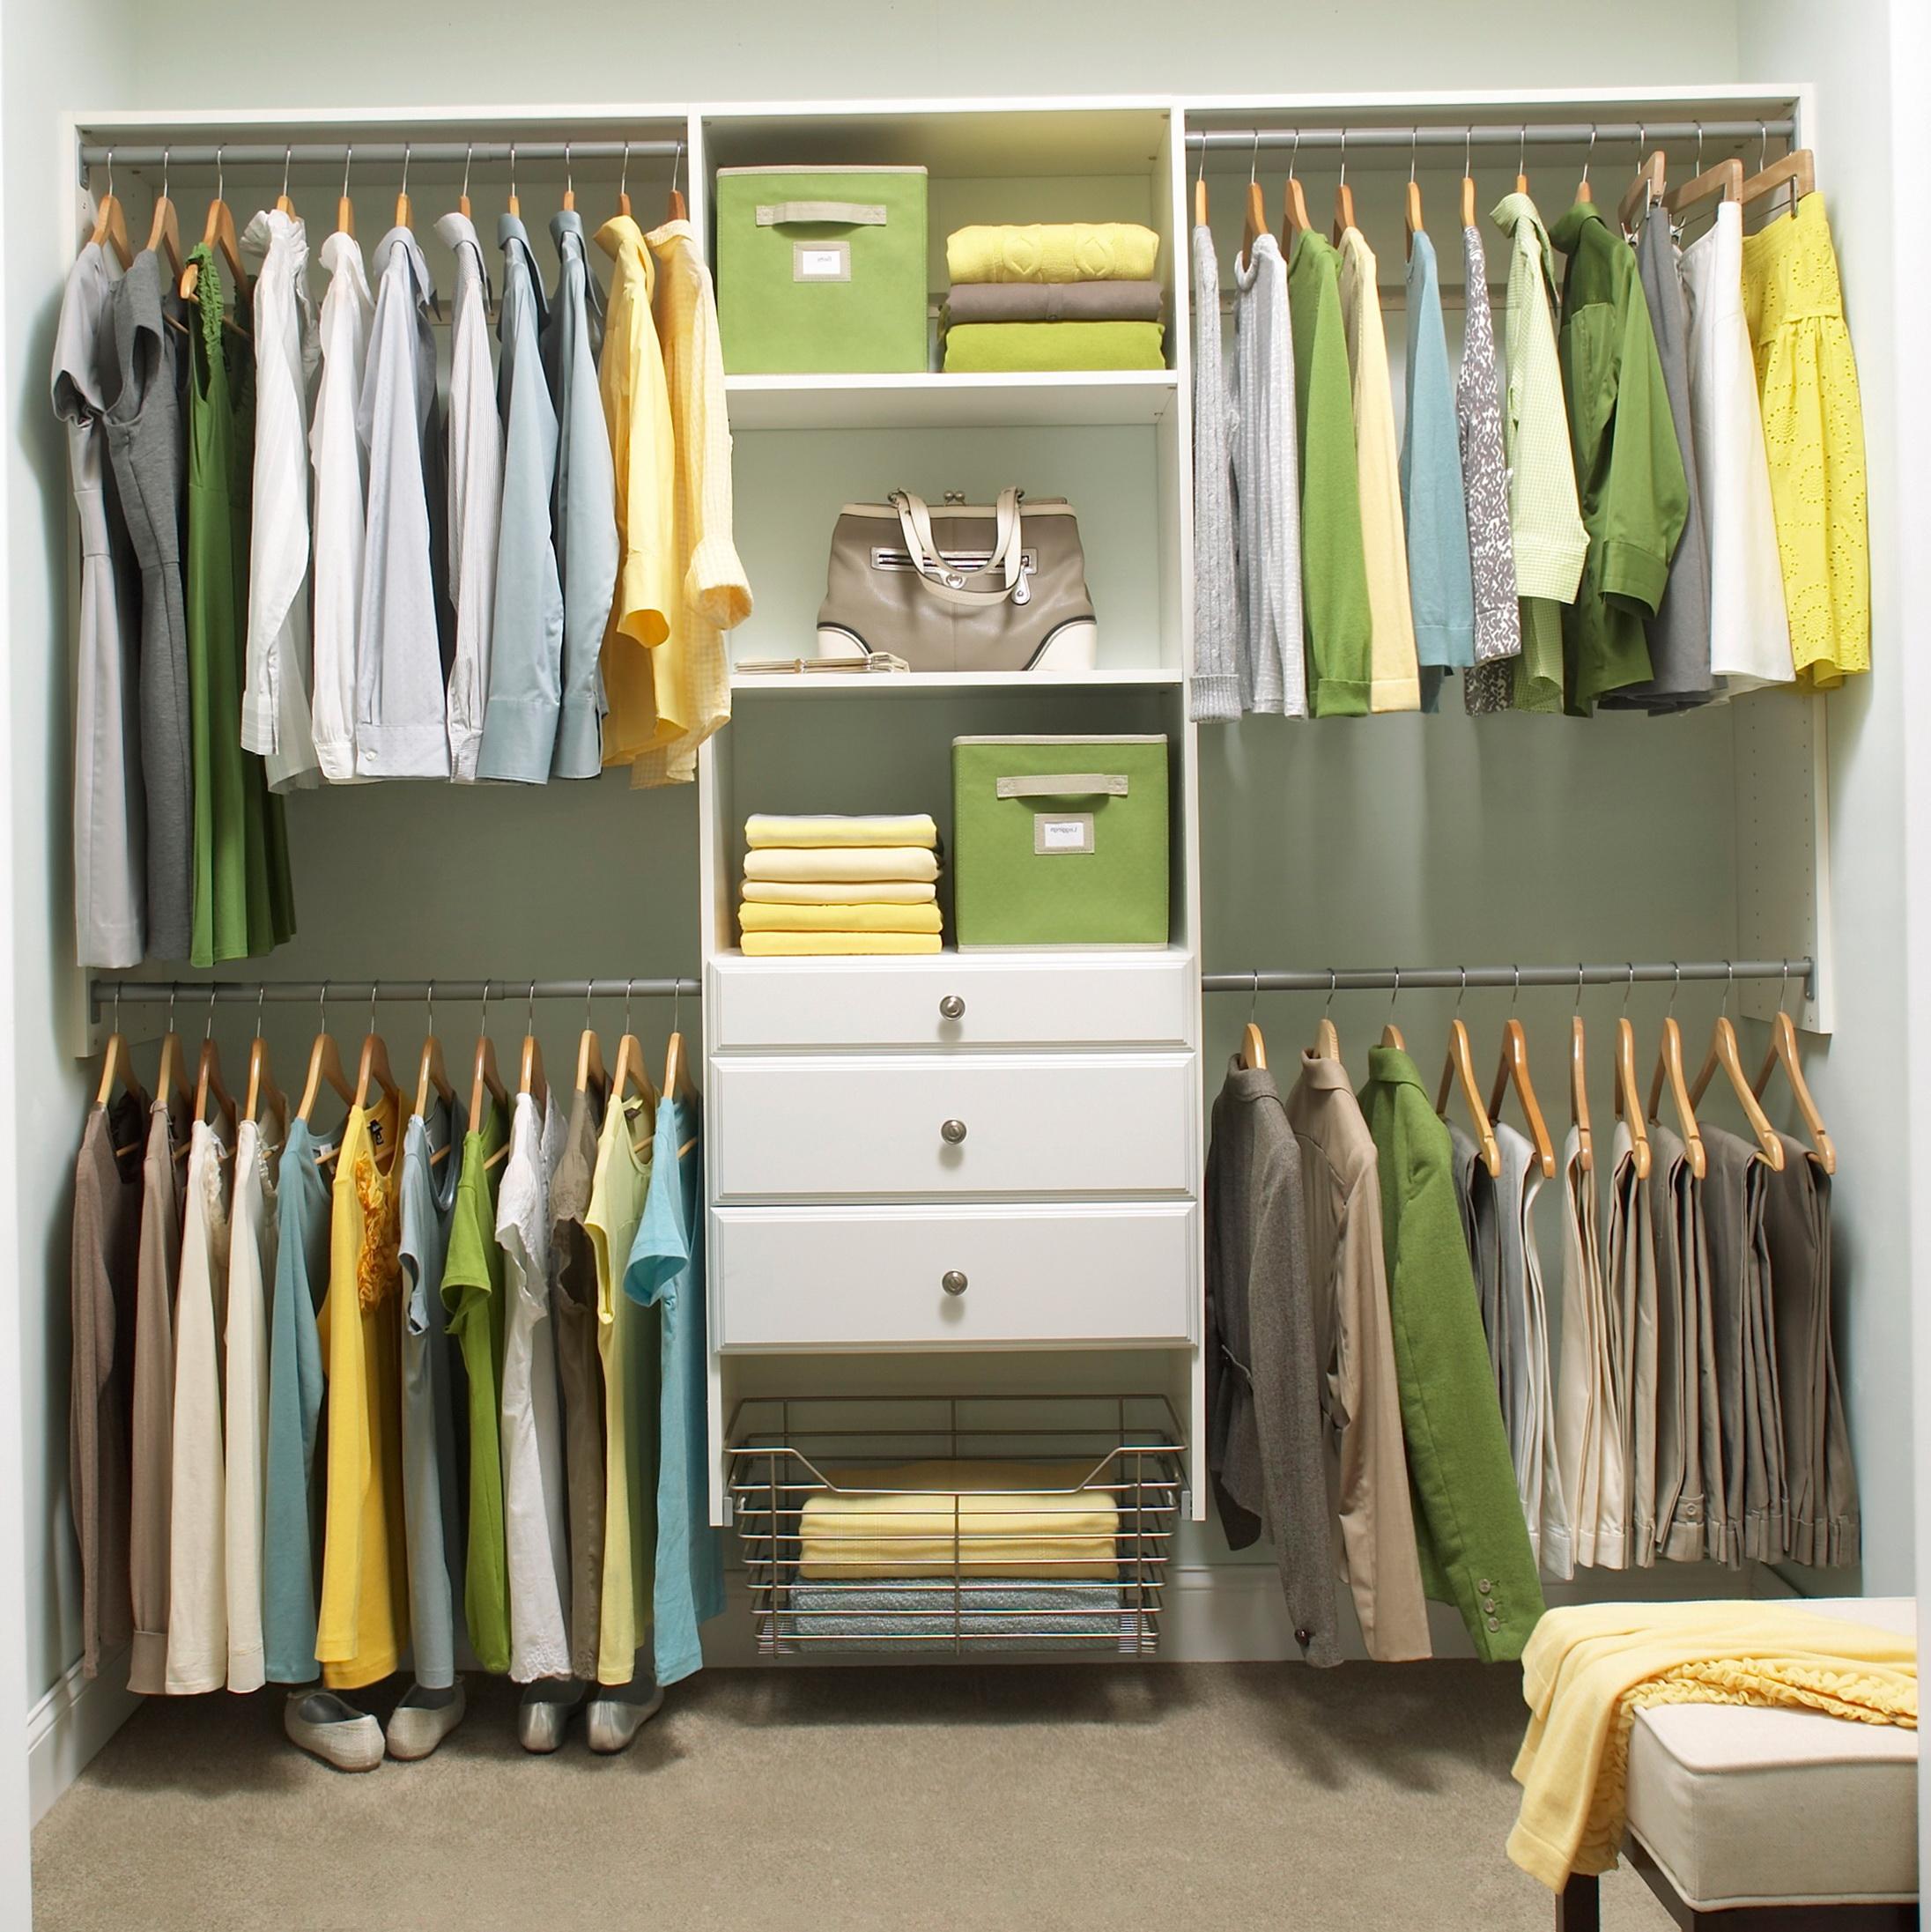 Martha Stewart Living Closet Organizer